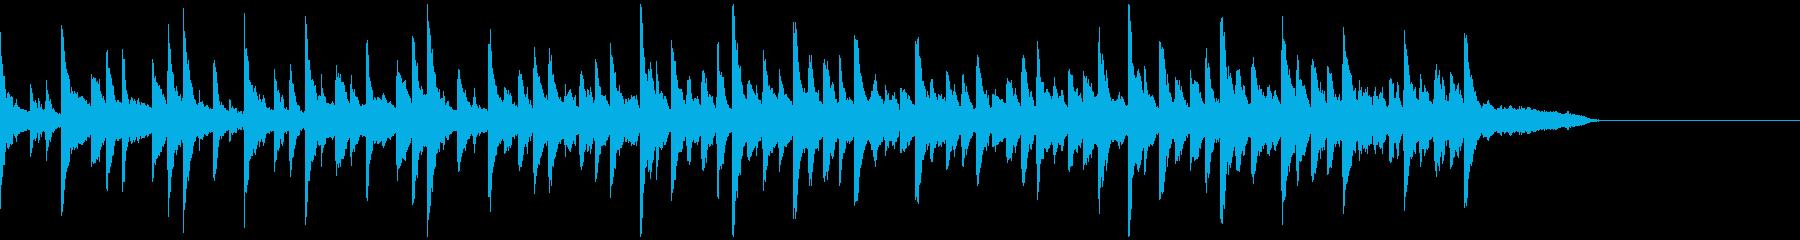 新しい何かをスタートさせる音楽の再生済みの波形